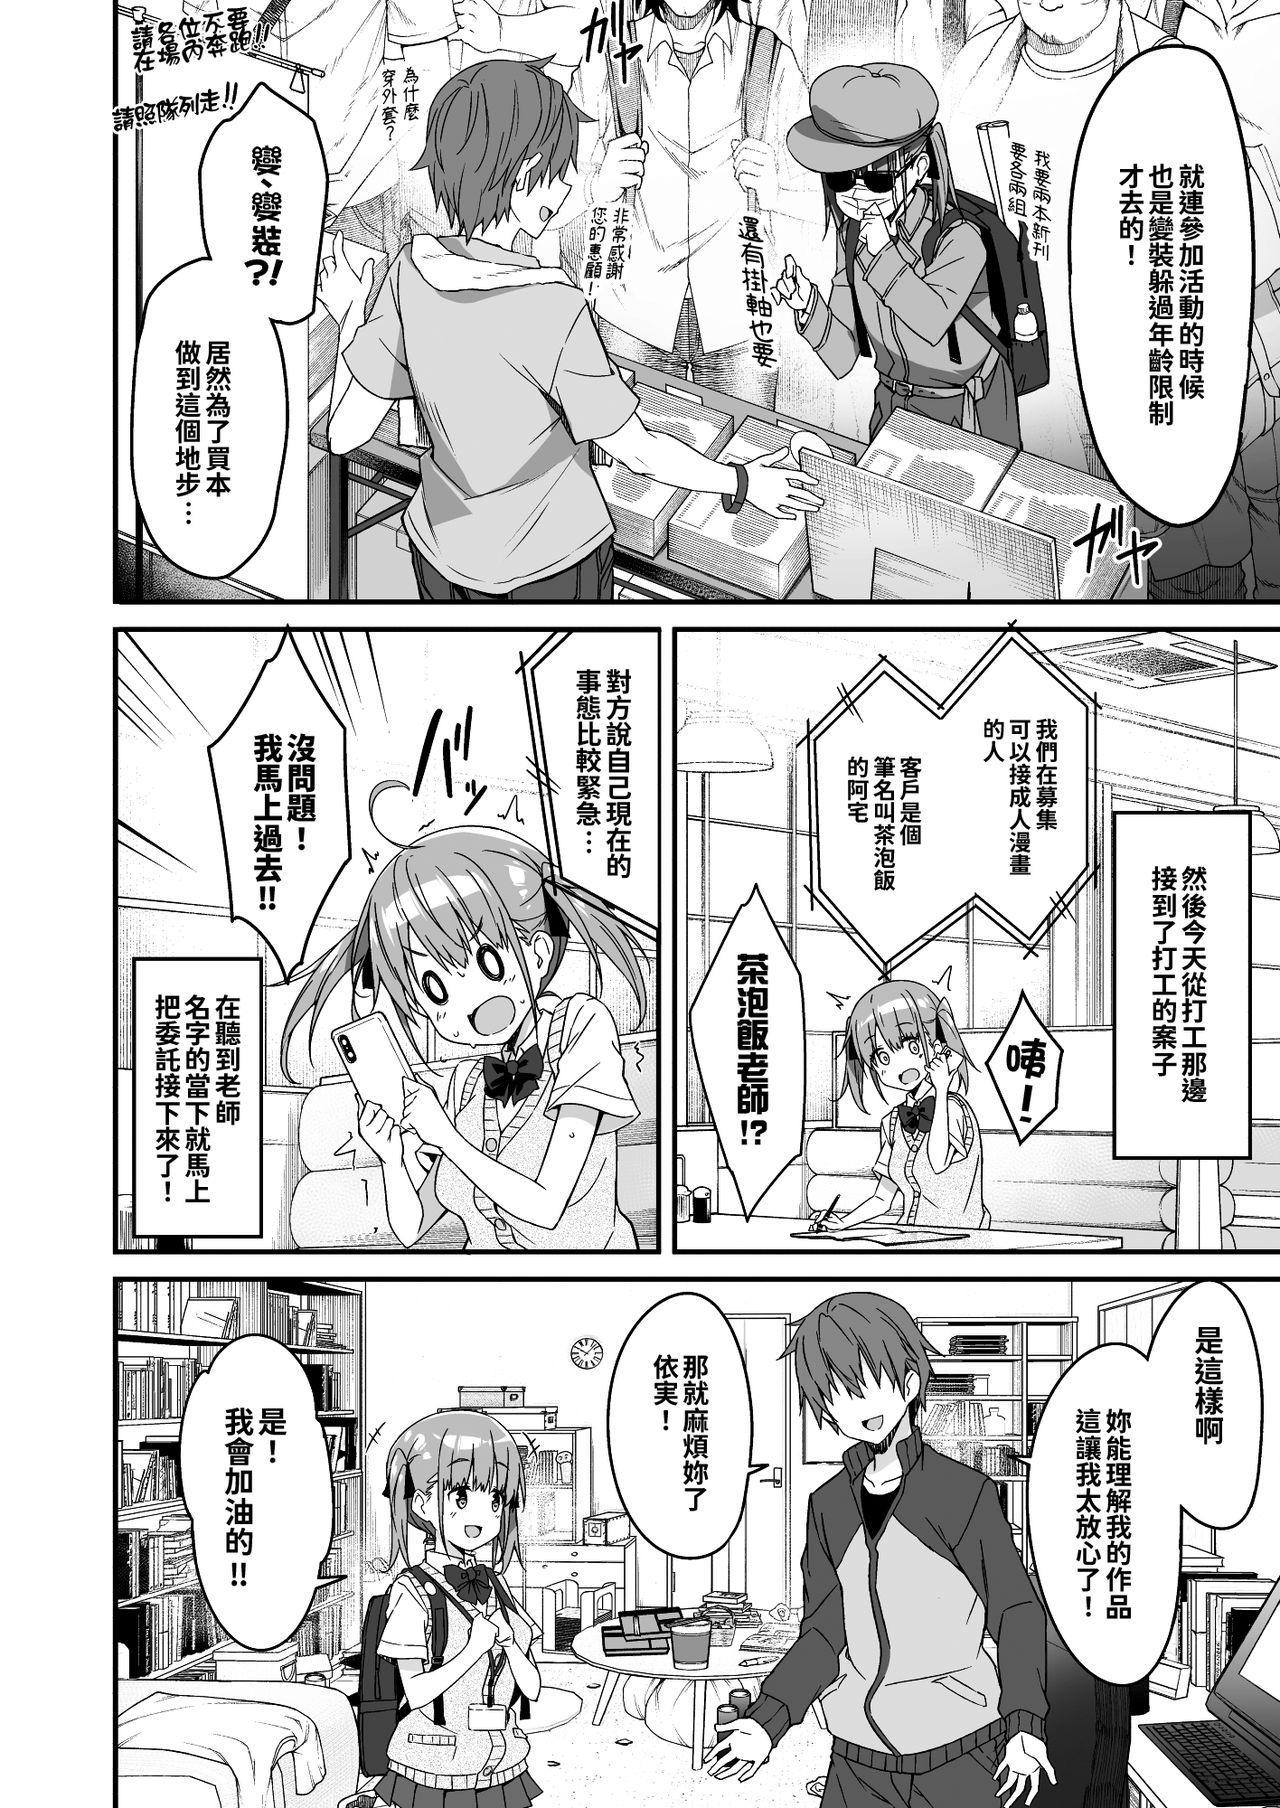 Kaji Daikou o Tanondara JK ga Kita node Tsuika de Iroiro Onegai shite mita 2 6